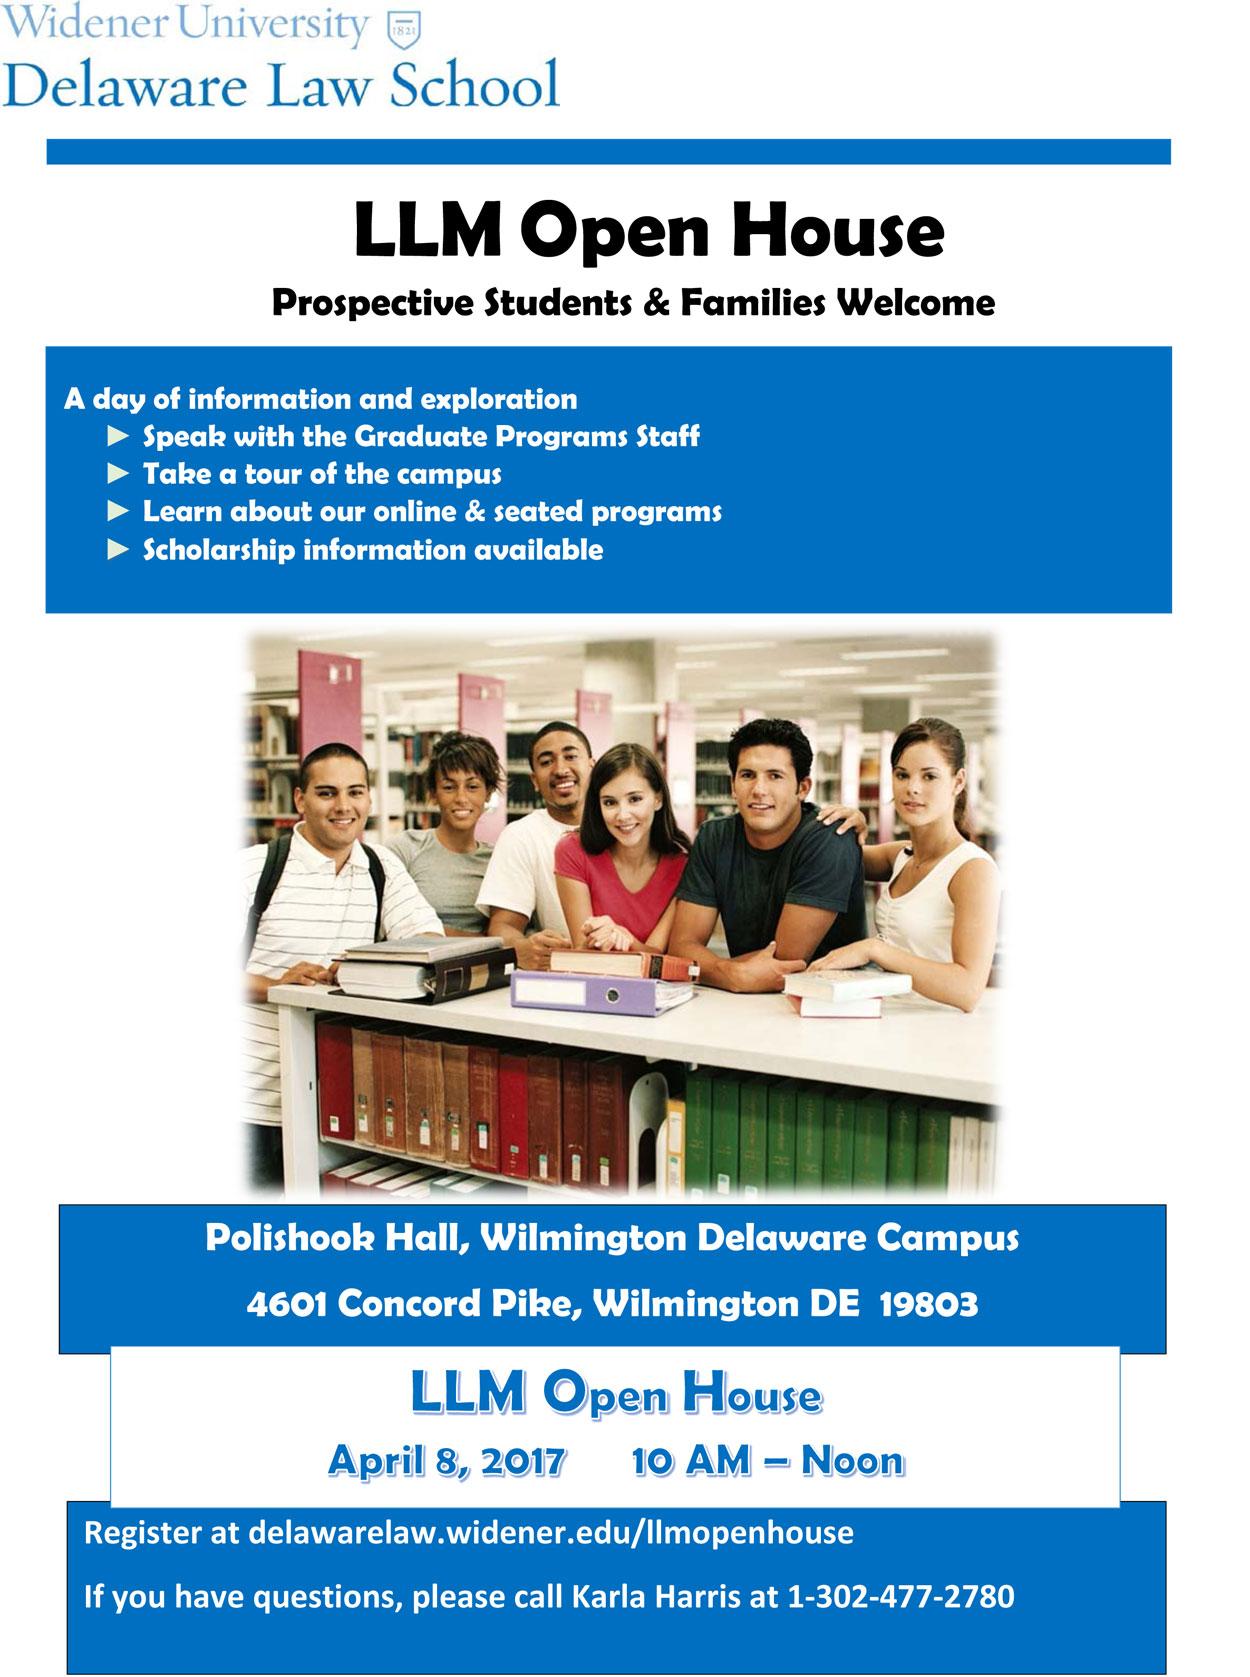 LLM Open House 2017